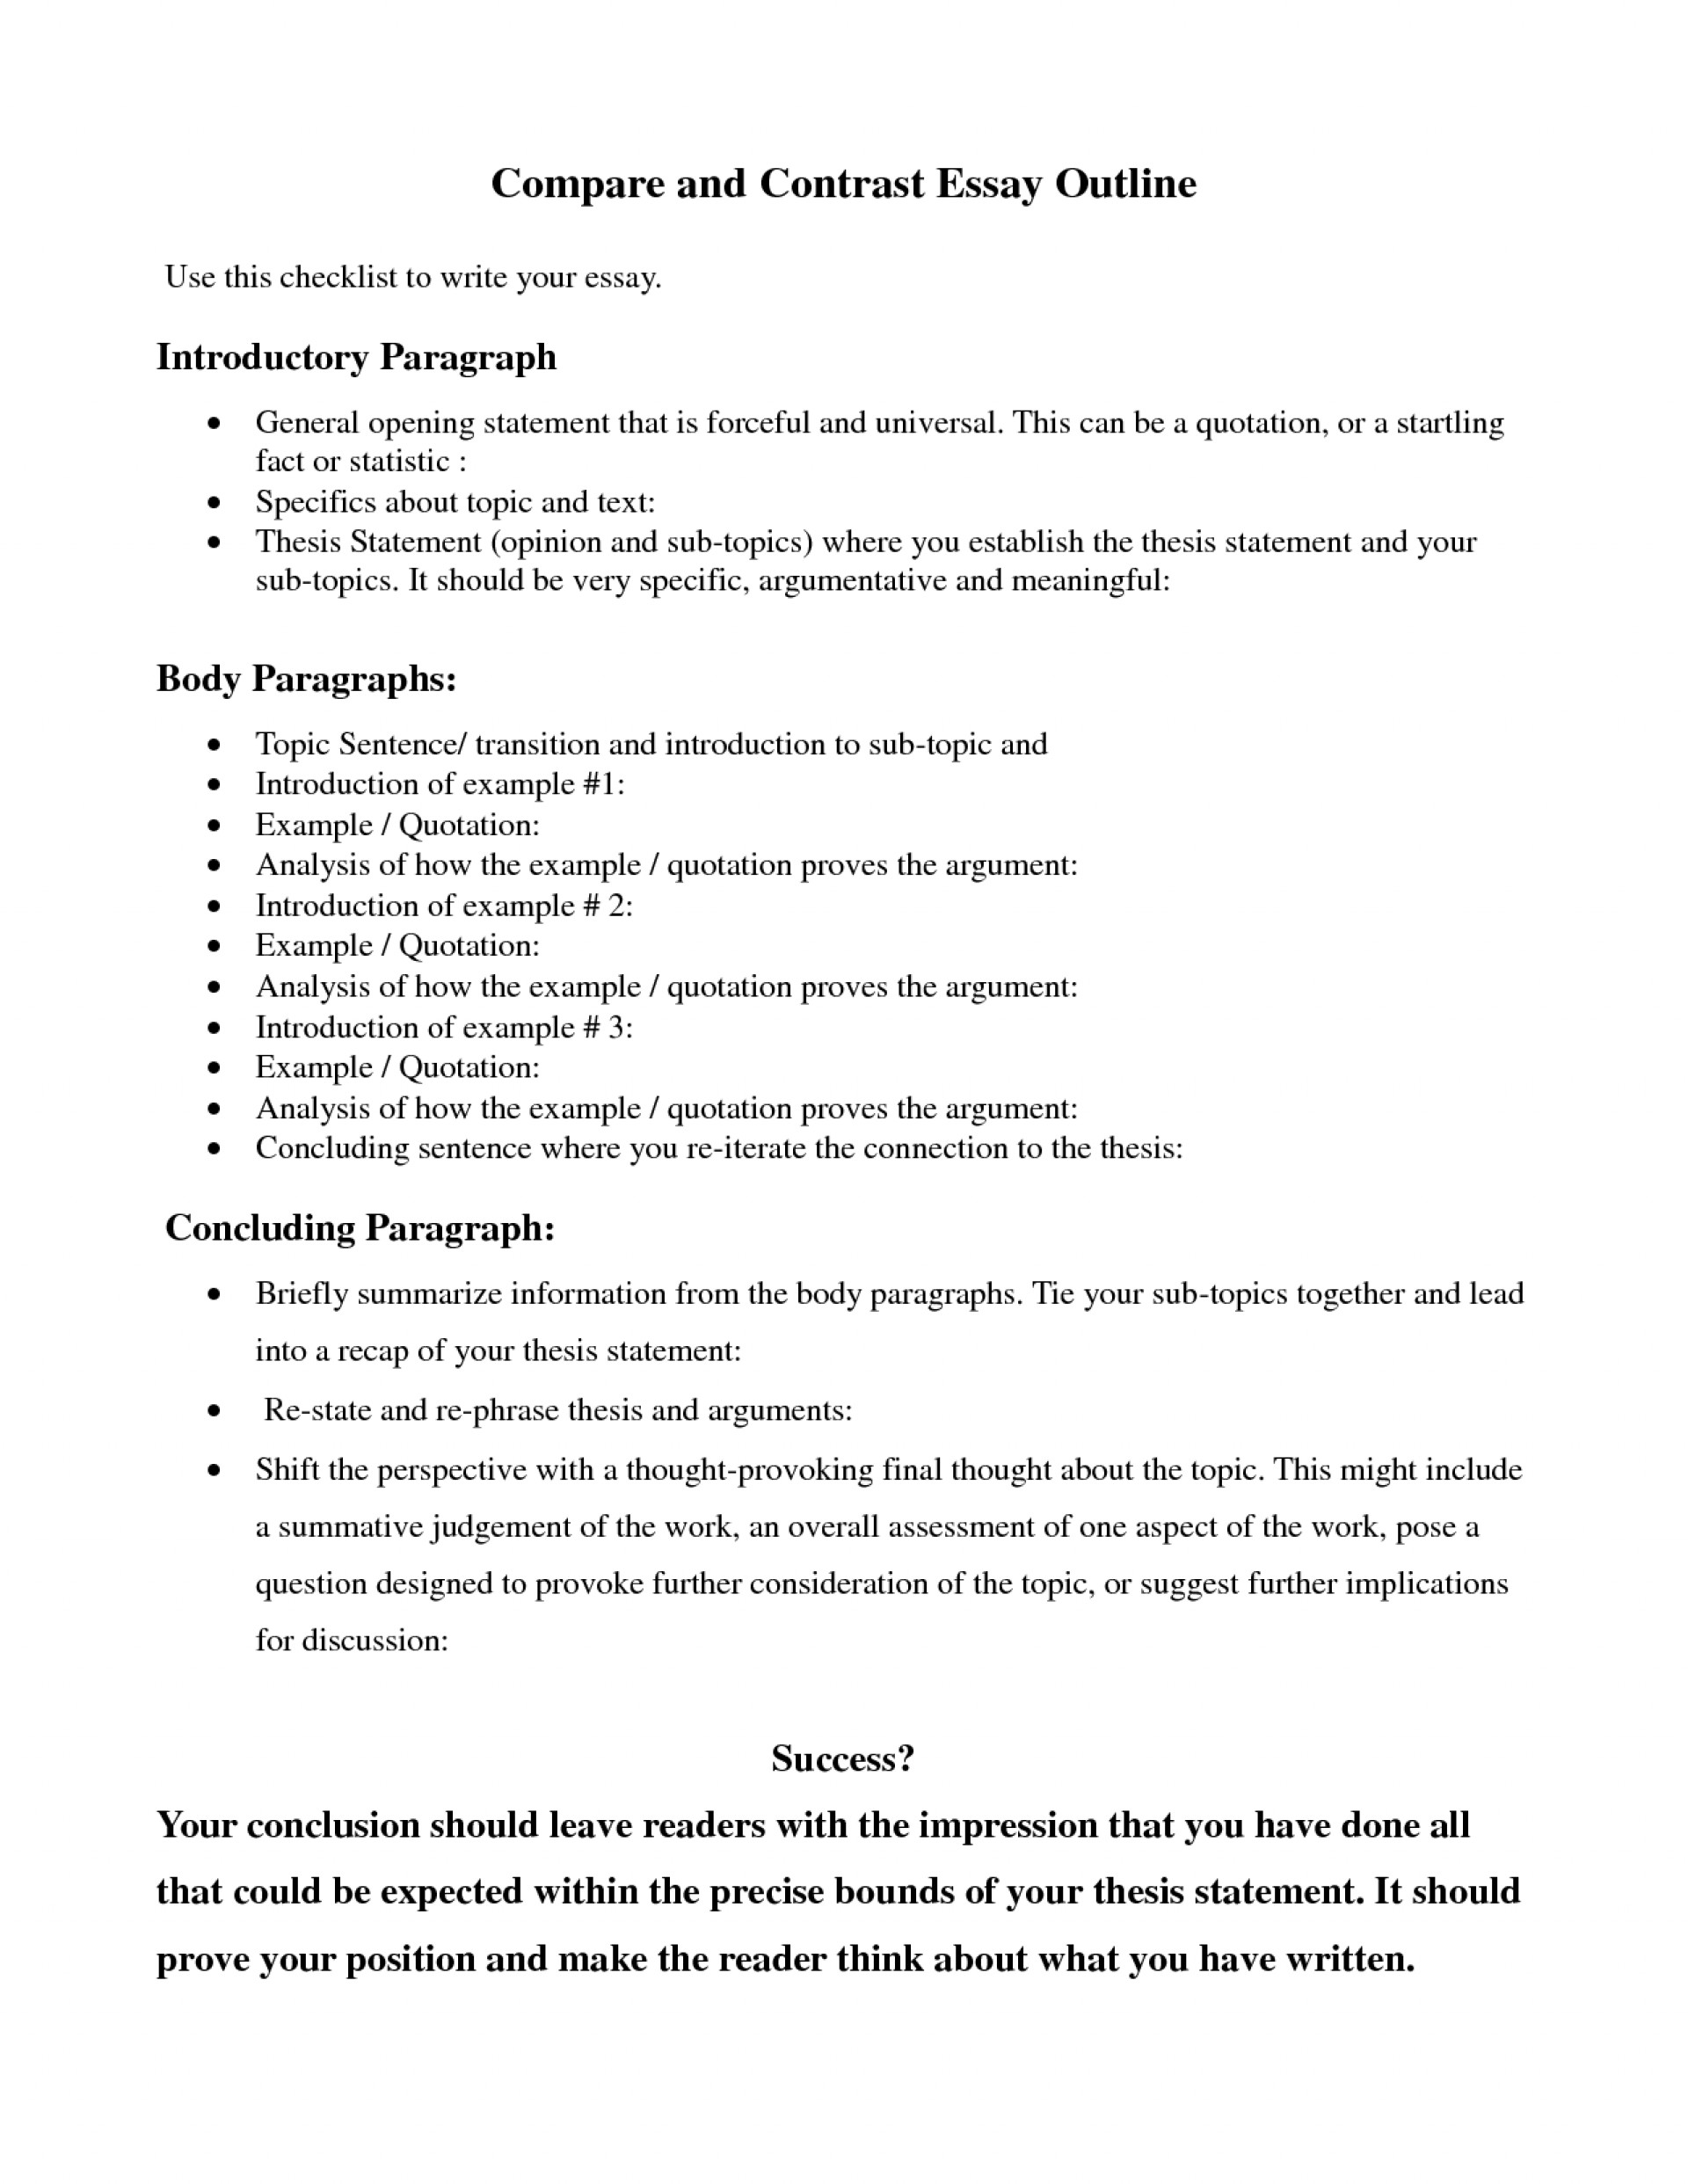 007 Outline Of Essay Impressive Argumentative Sample Mla Format 1920